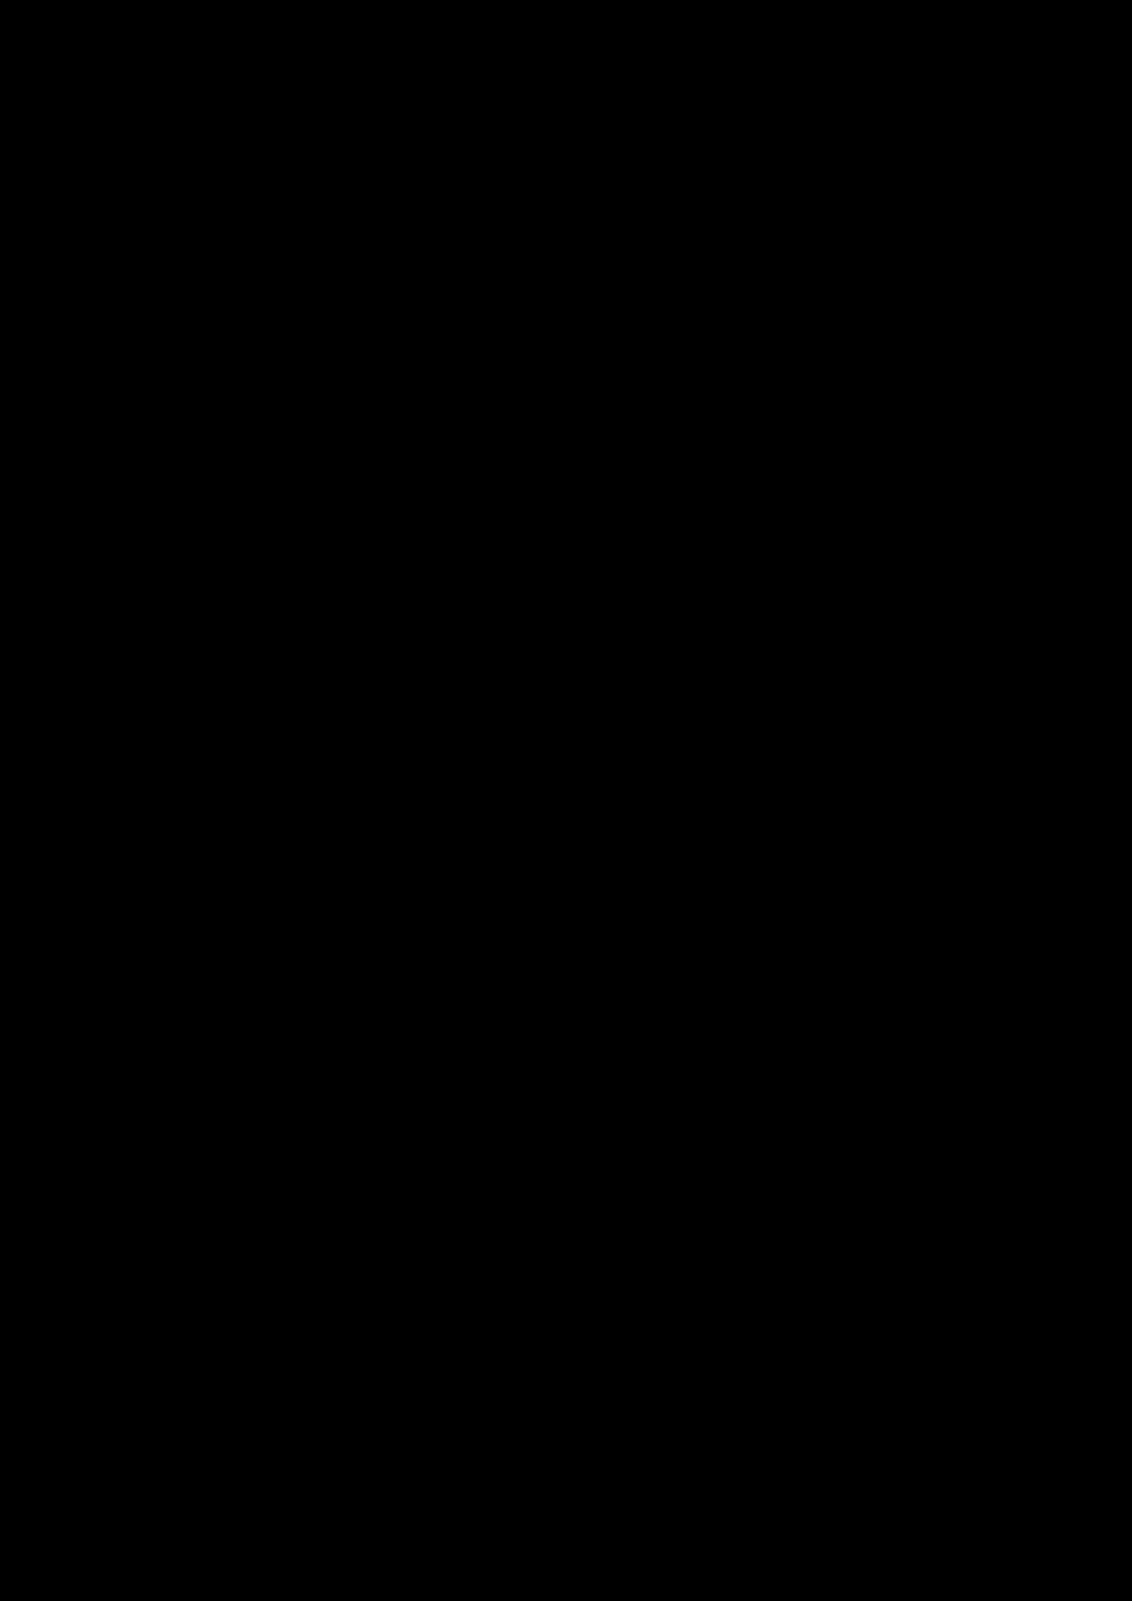 Proschanie s volshebnoy stranoy slide, Image 38